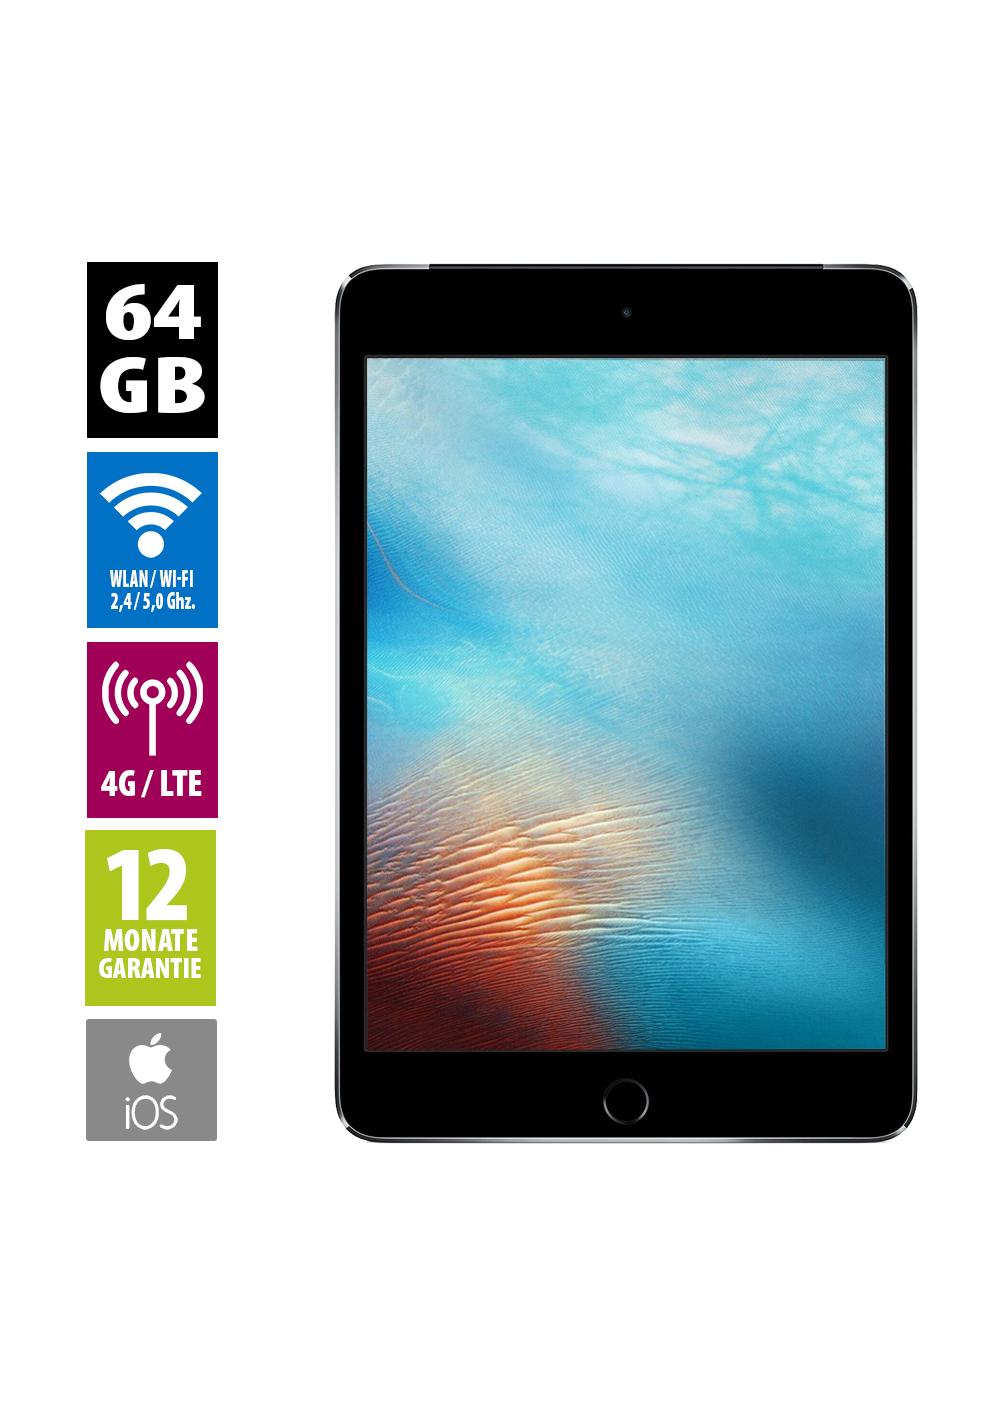 [Afb] Apple iPad mini 4 64GB WiFi+LTE (Grade A - generalüberholt) | WiFi 128GB 205€